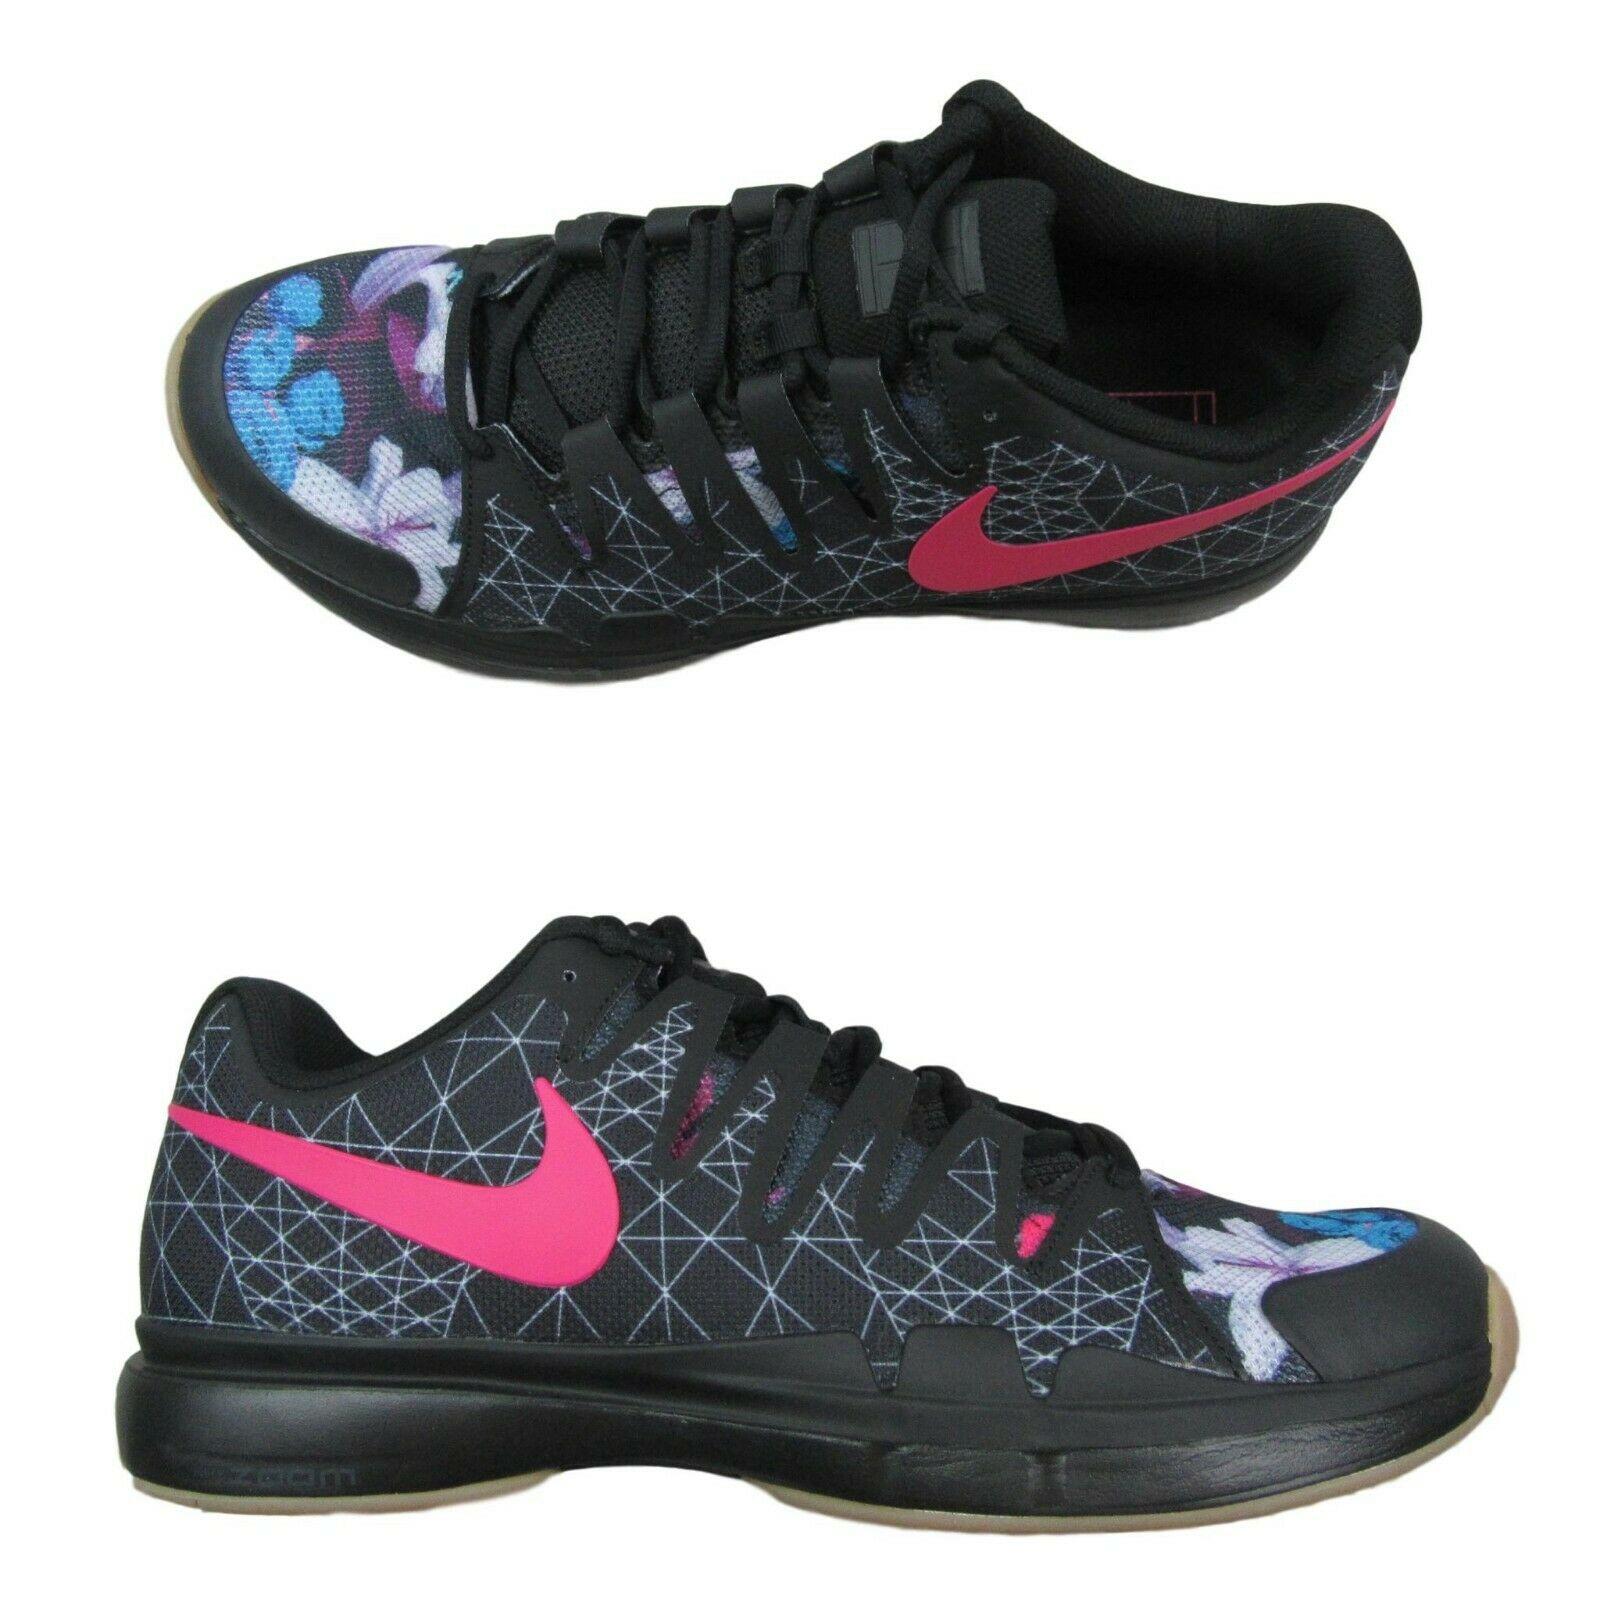 b276cc8afdd Nike Zoom Vapor 9.5 Tour PRM Tennis Shoes Size 11.5 Mens Black ...